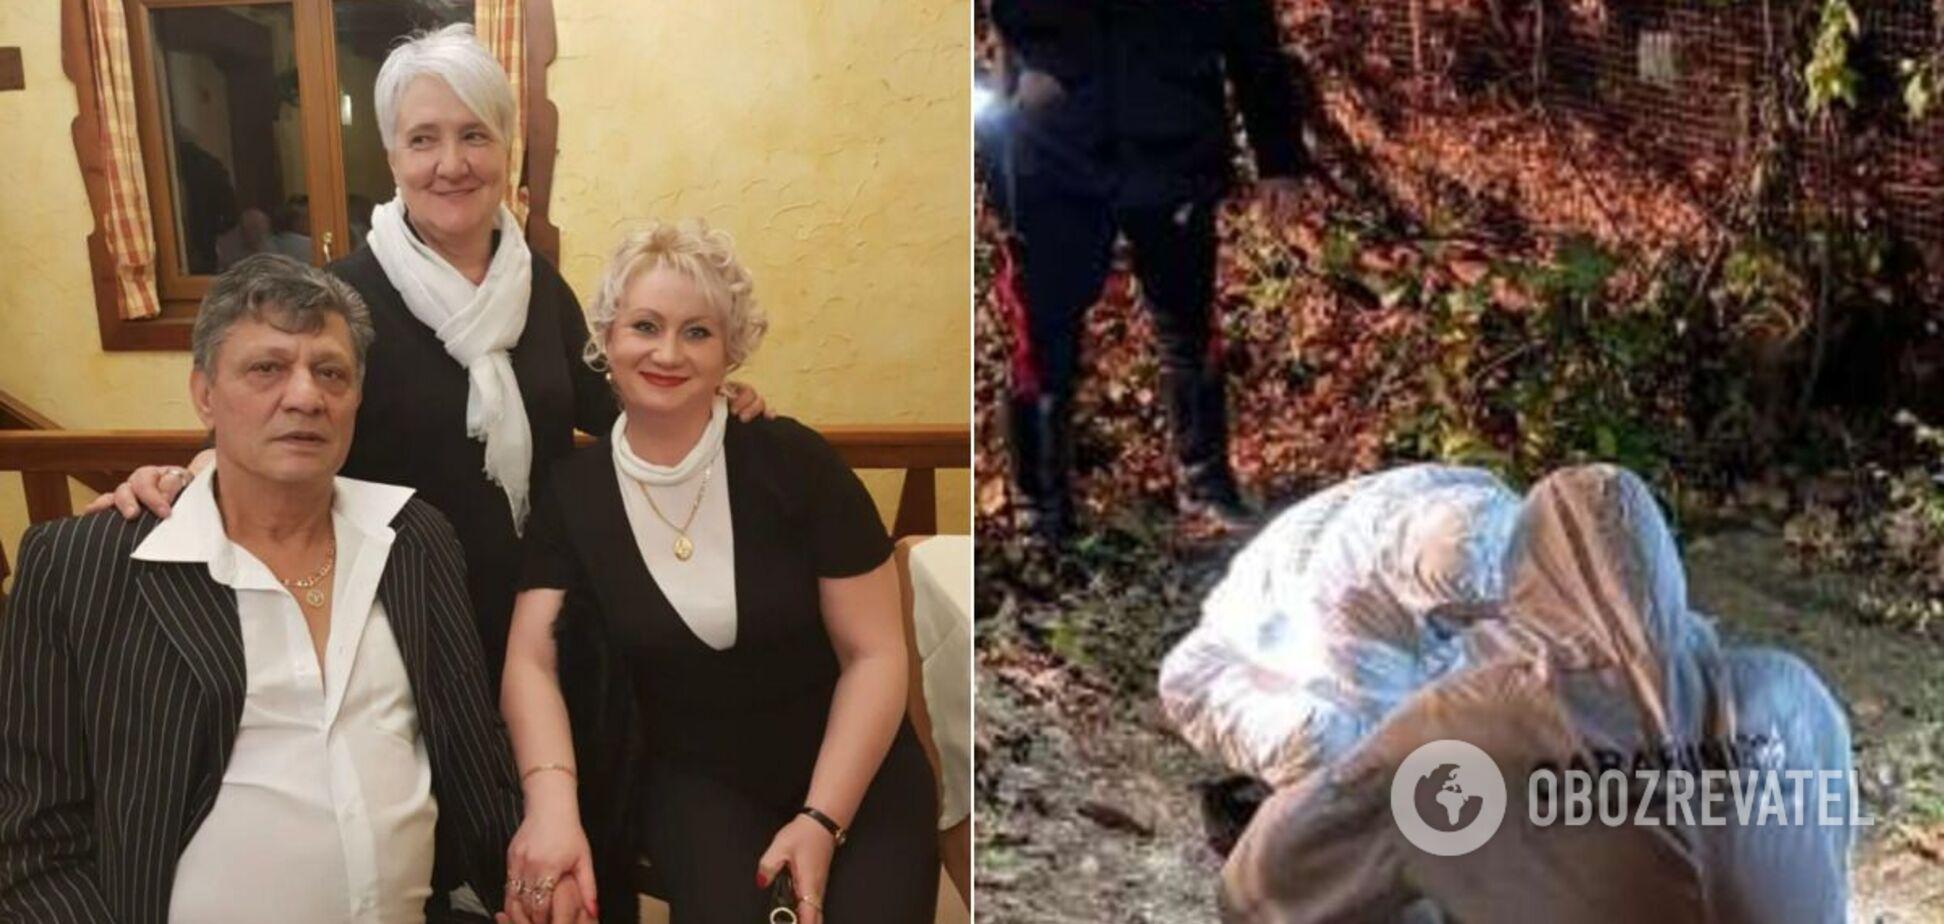 Убил и закопал возле дома: подруги погибшей в Италии украинки рассказали о трагедии